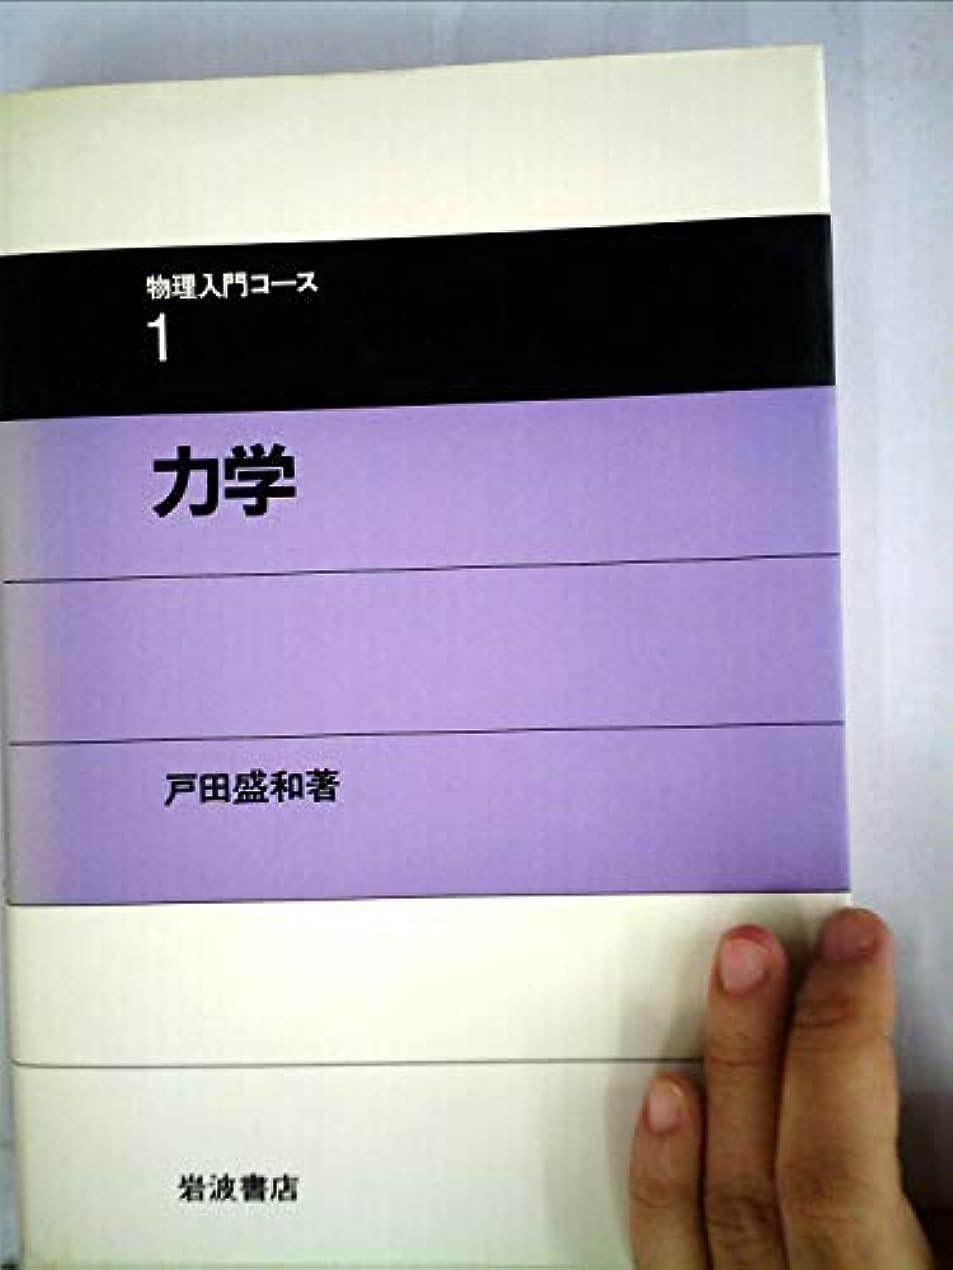 起こる尊敬するロシア力学 (1982年) (物理入門コース〈1〉)